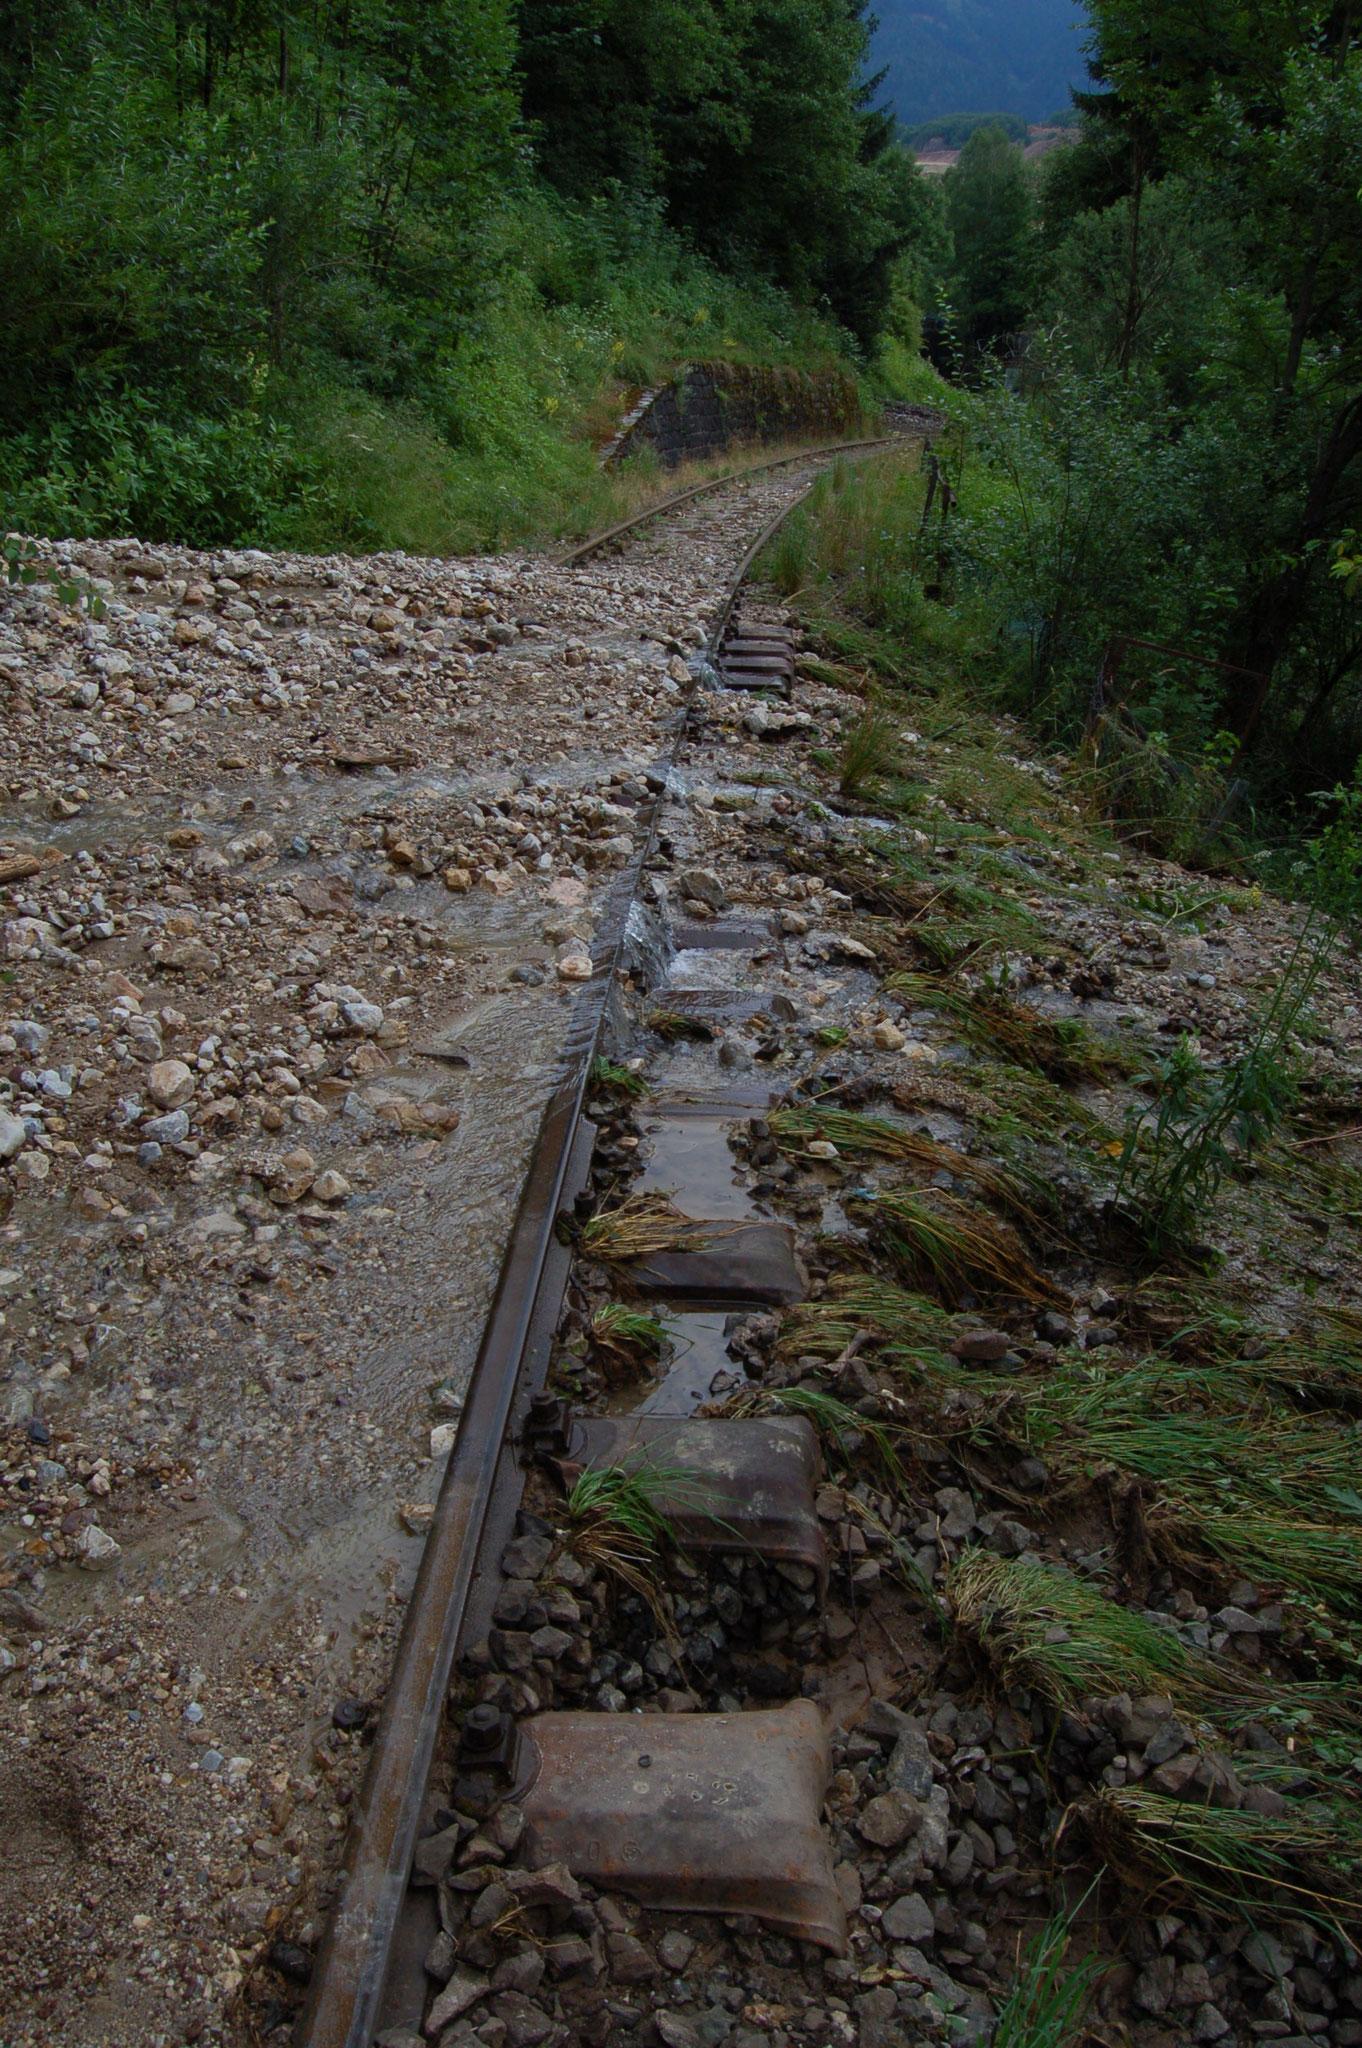 Das Wasser bahnt sich bei km 2,1 seinen Weg